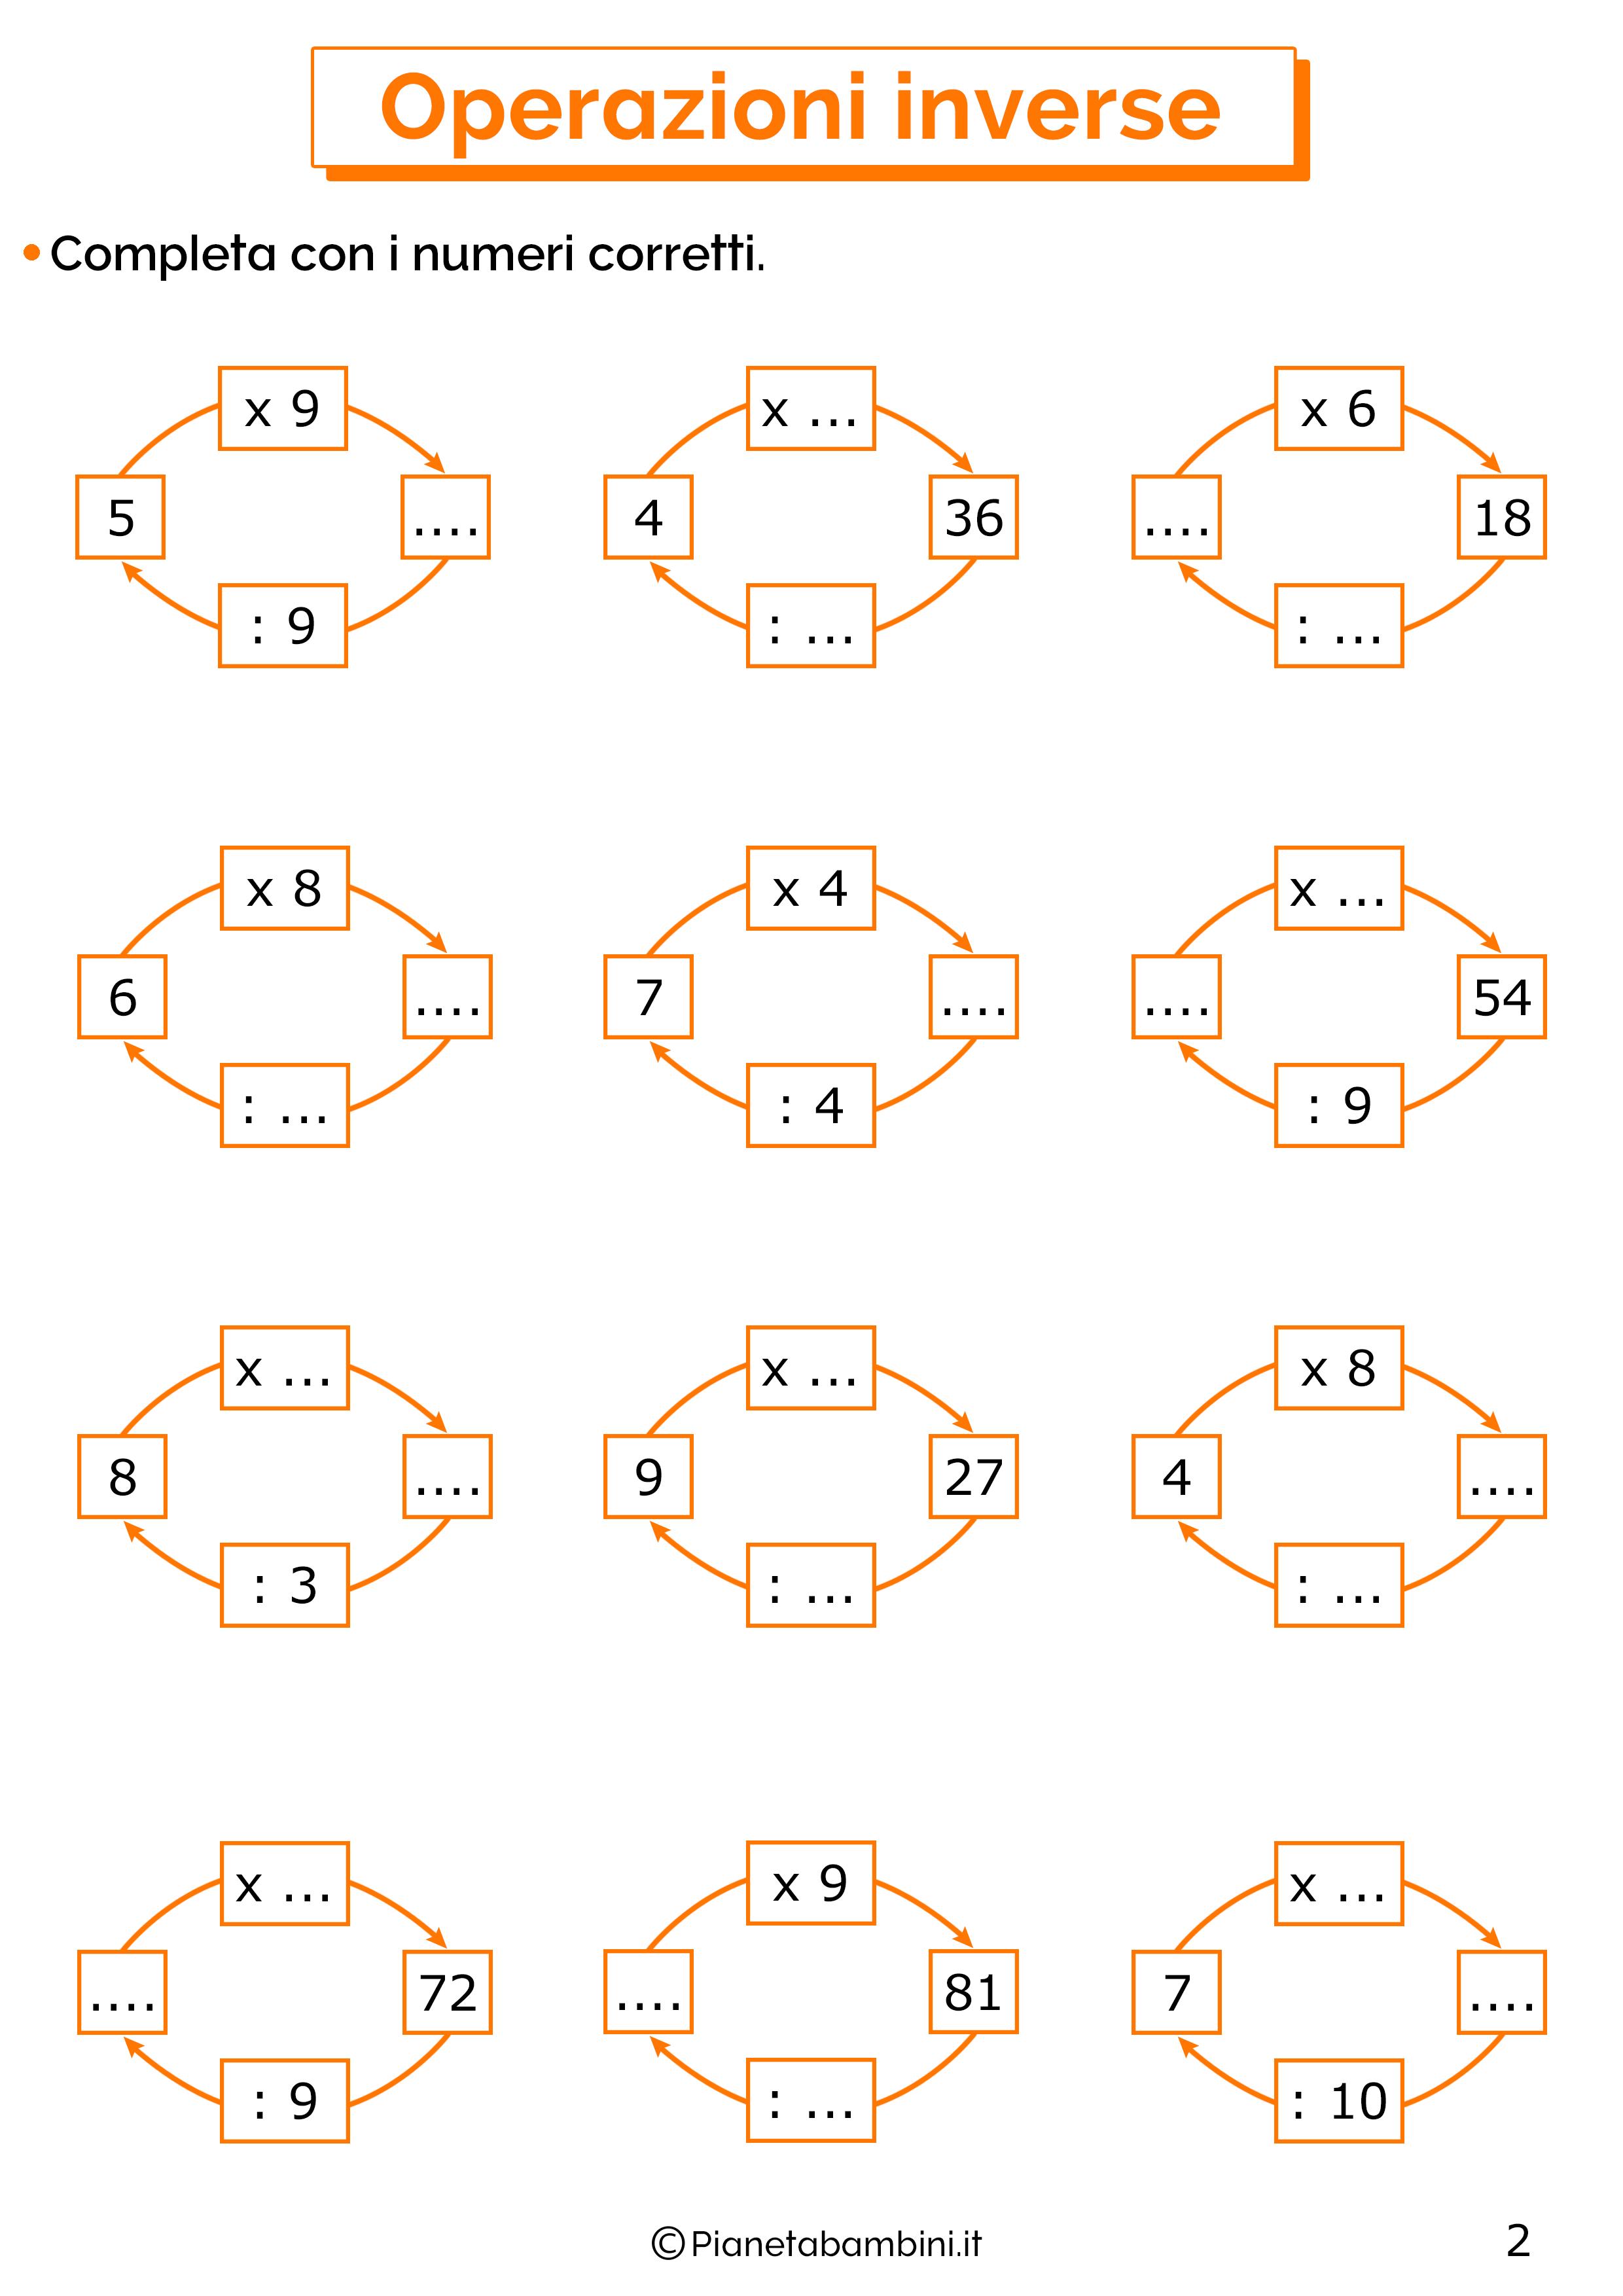 Esercizi sulle operazioni inverse di moltiplicazioni e divisioni 2